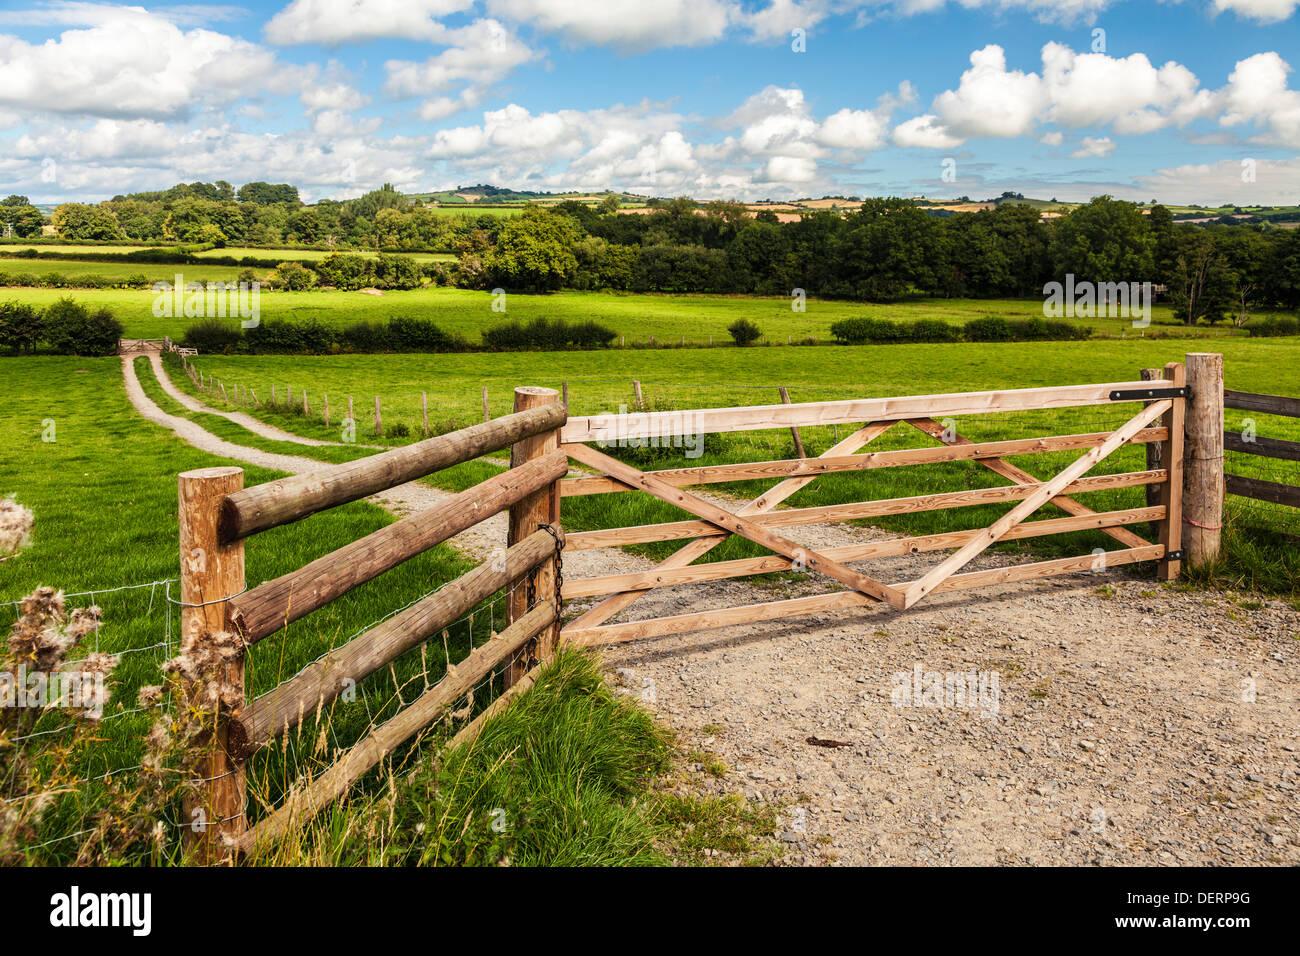 La campagne galloise roulant dans les Brecon Beacons National Park près de Pencelli. Photo Stock